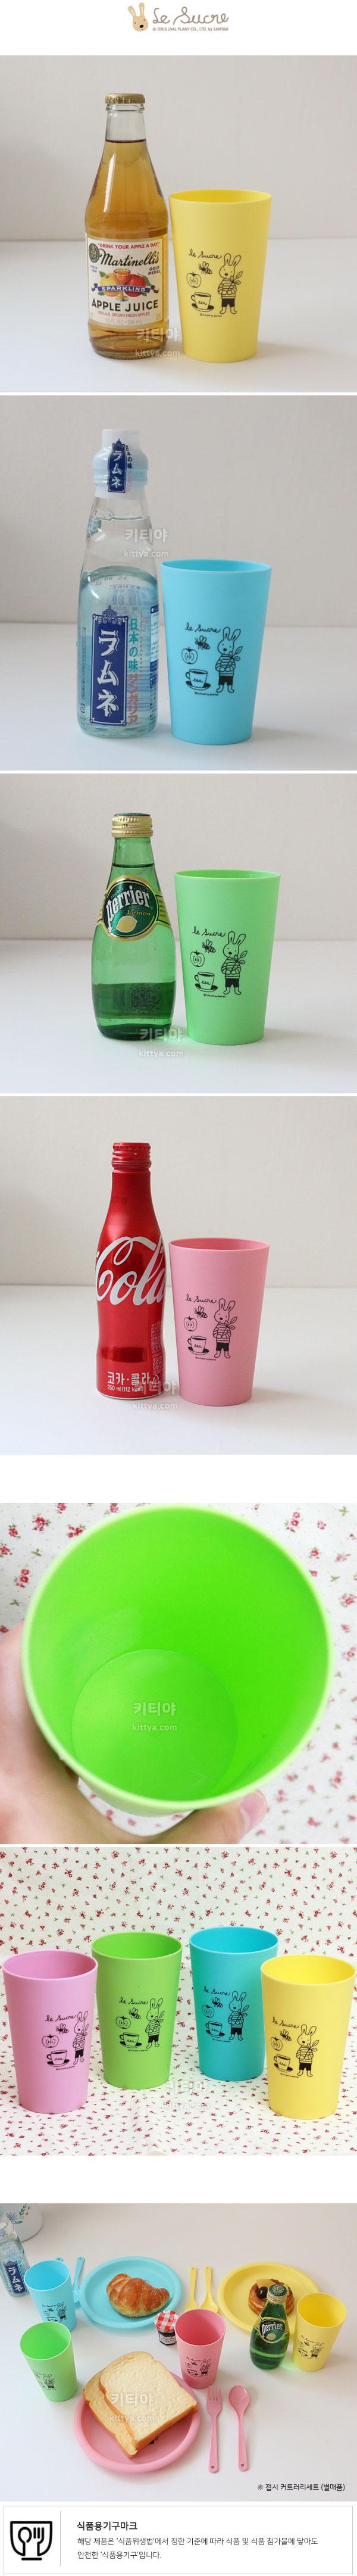 르 슈크레 4P 플라스틱 컵 세트 - 키티야, 7,900원, 보틀/텀블러, 플라스틱 텀블러